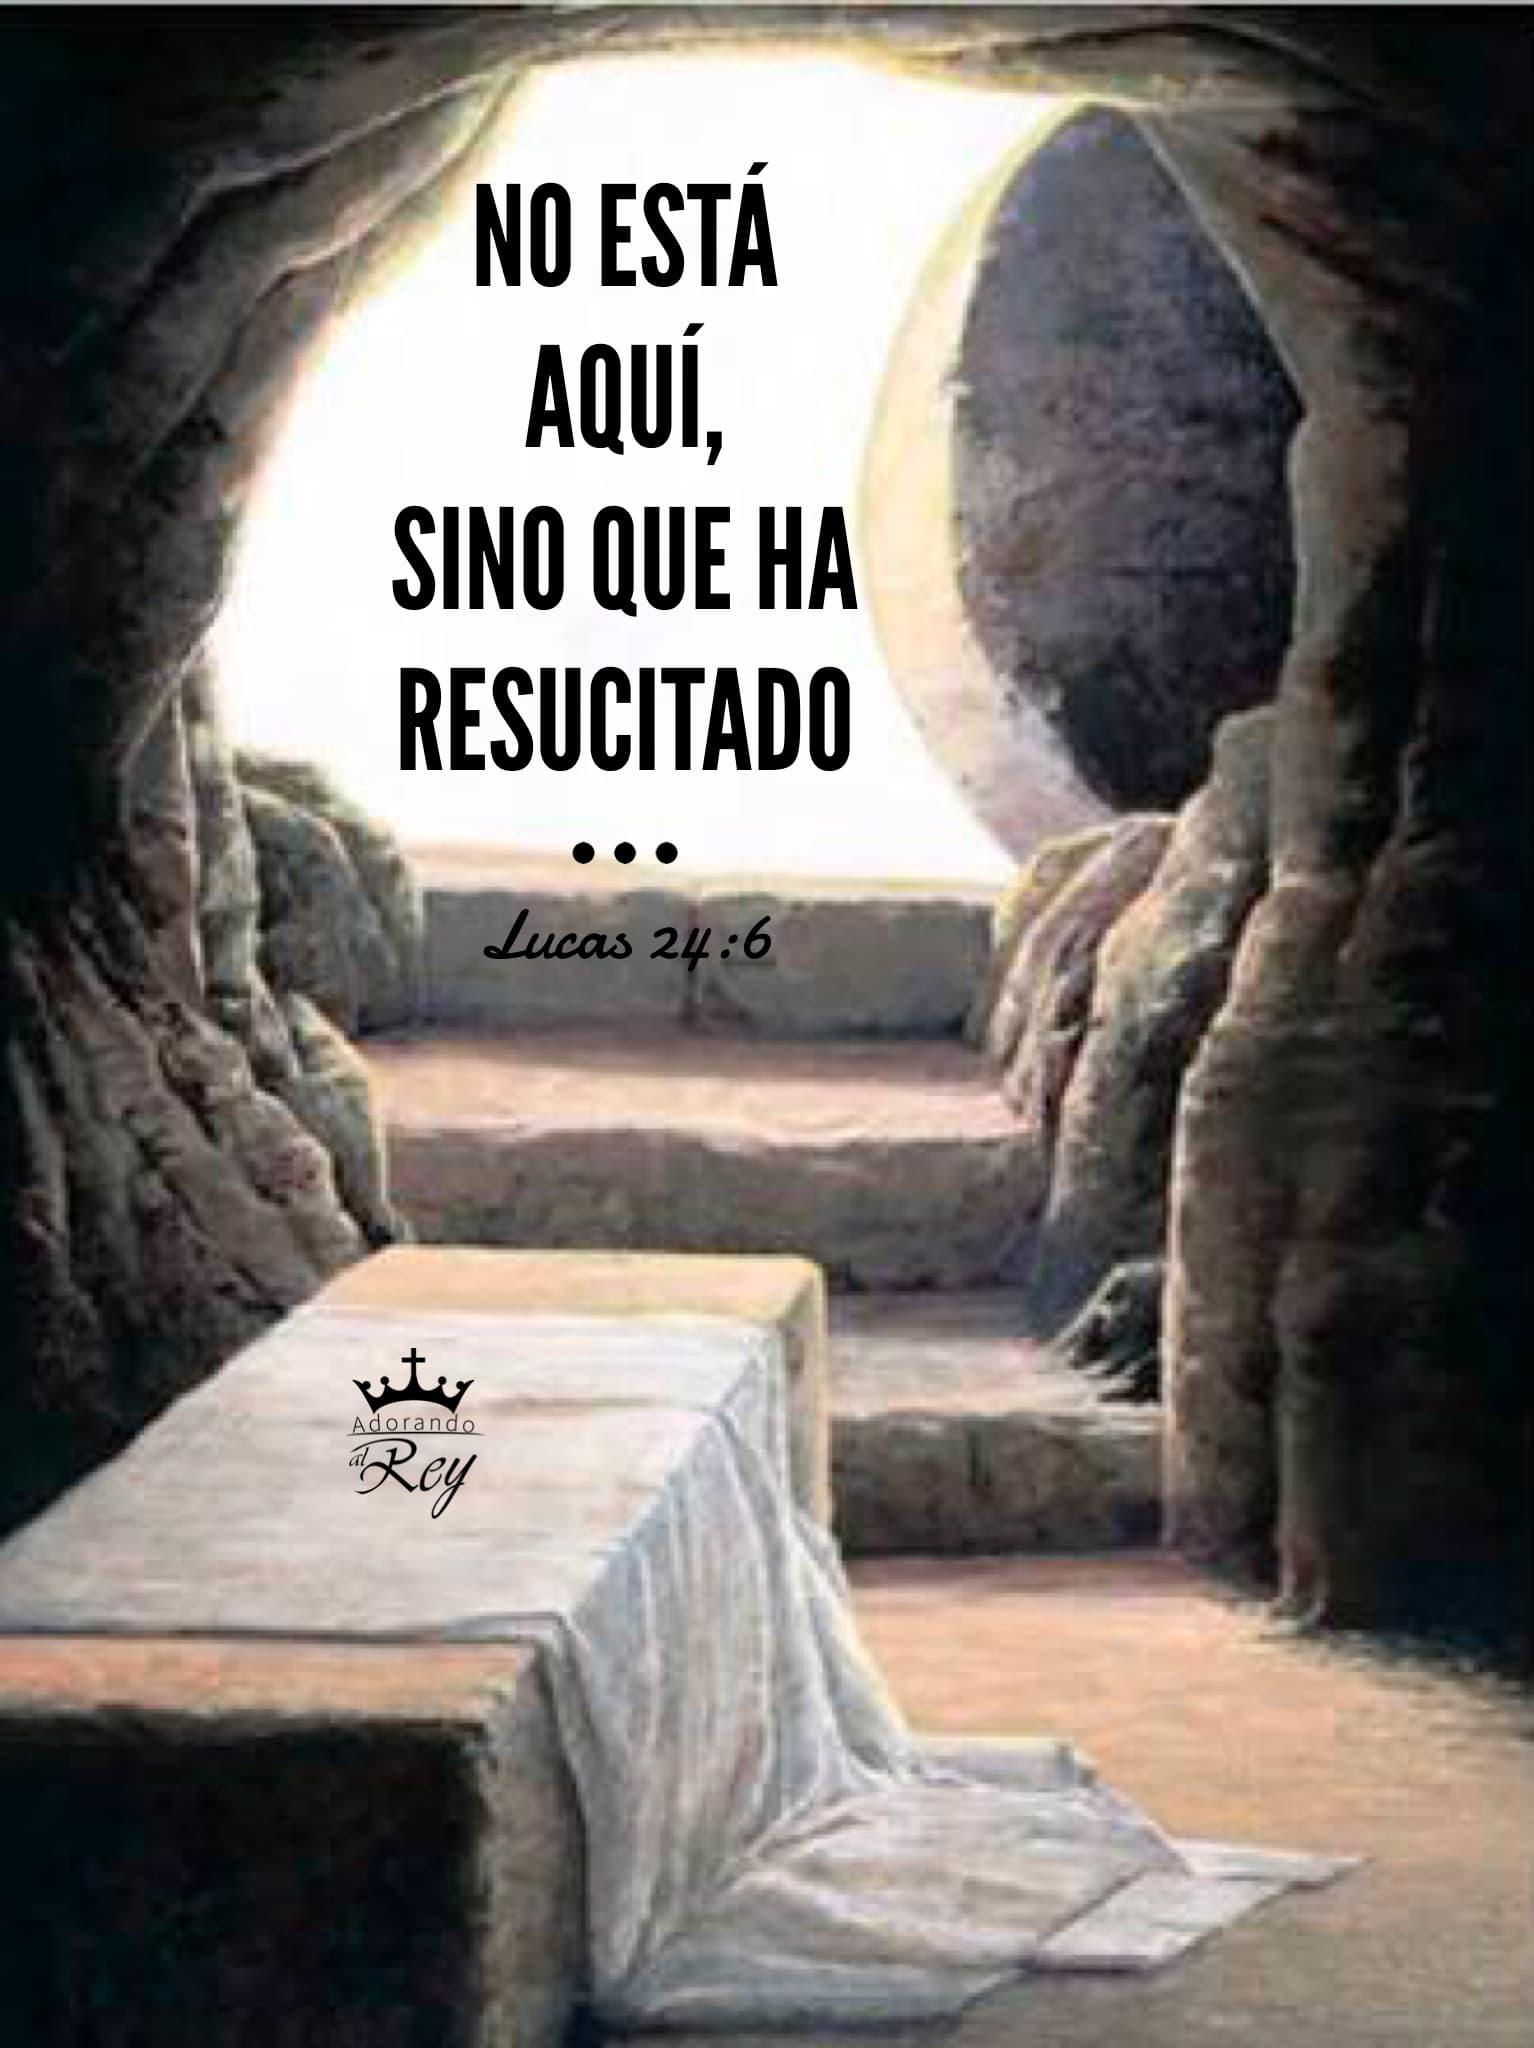 Lucas 24:6